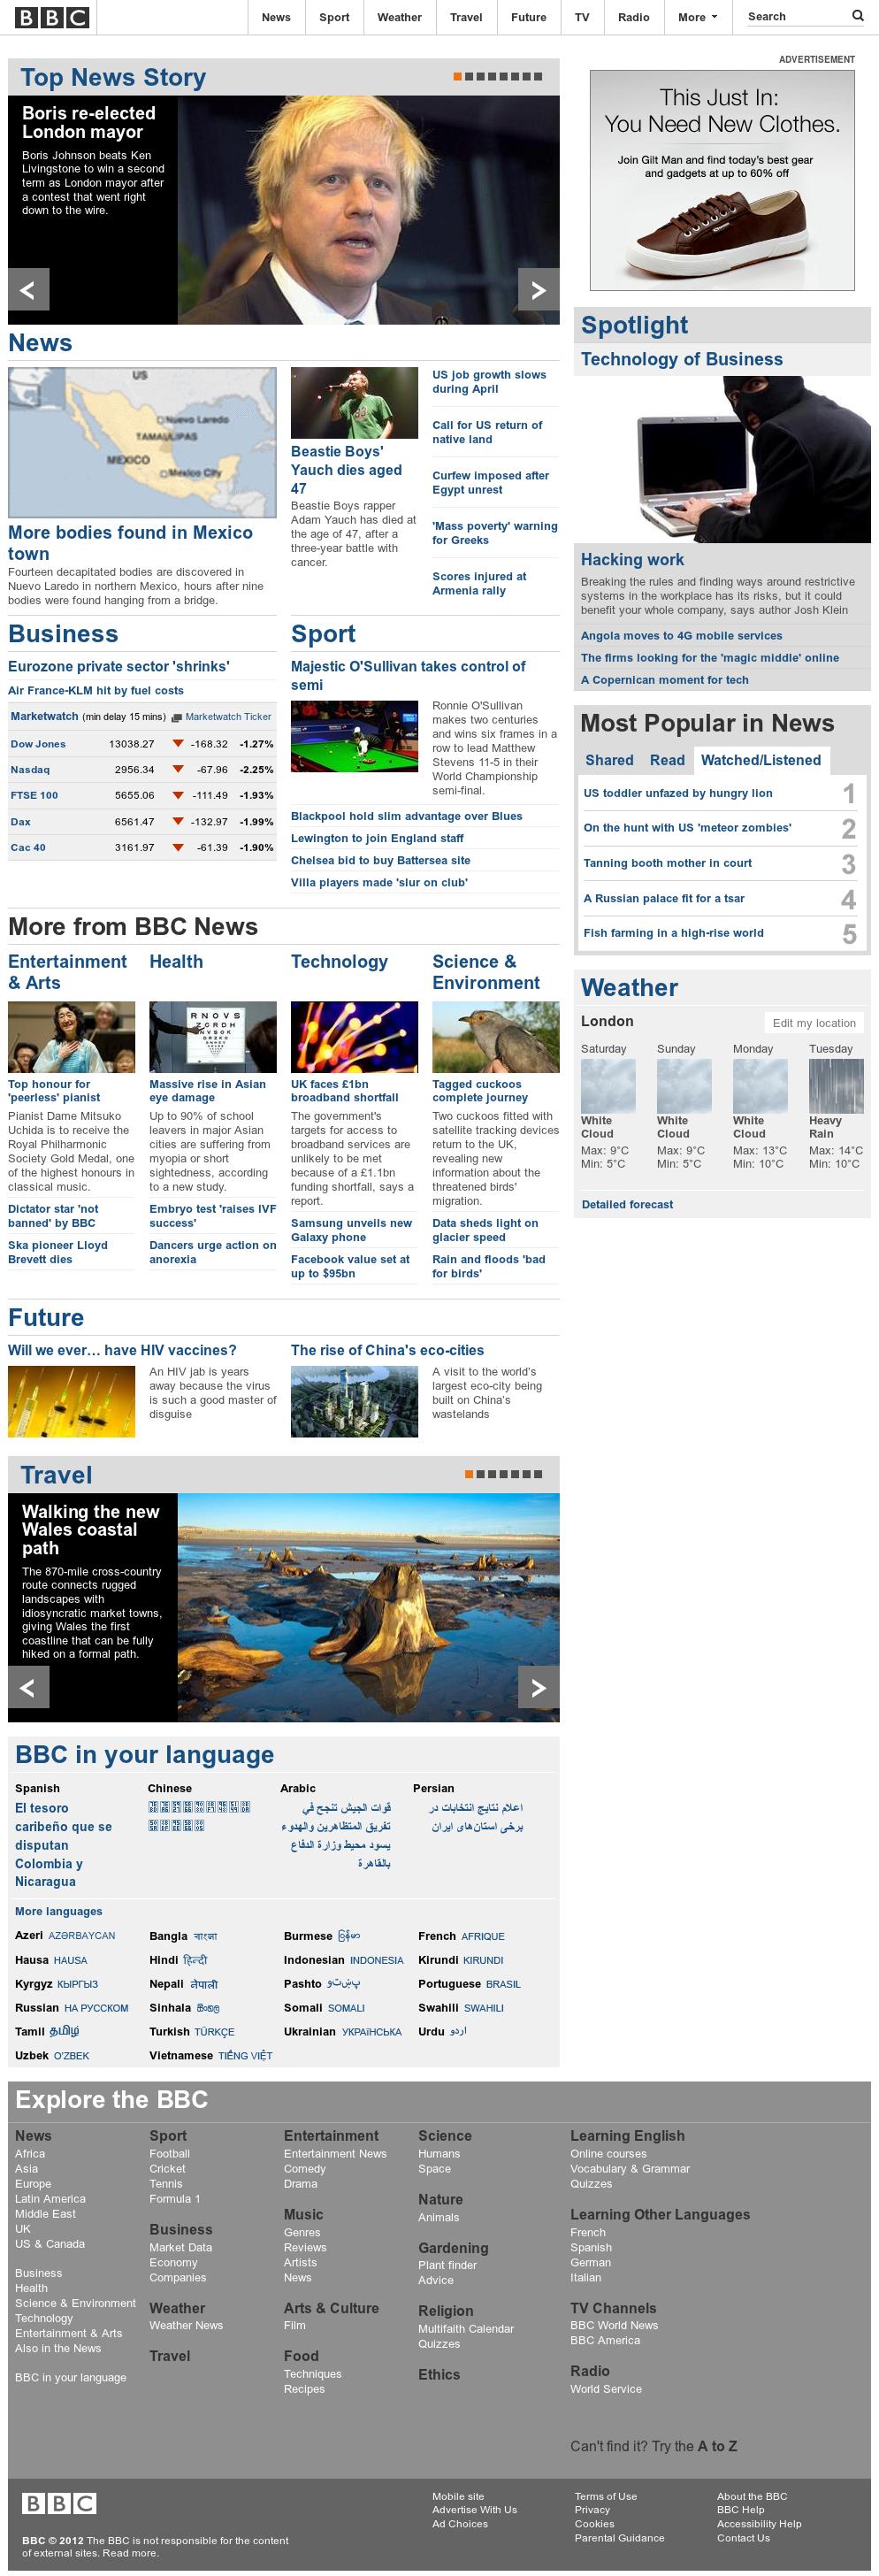 BBC at Saturday May 5, 2012, 4 a.m. UTC